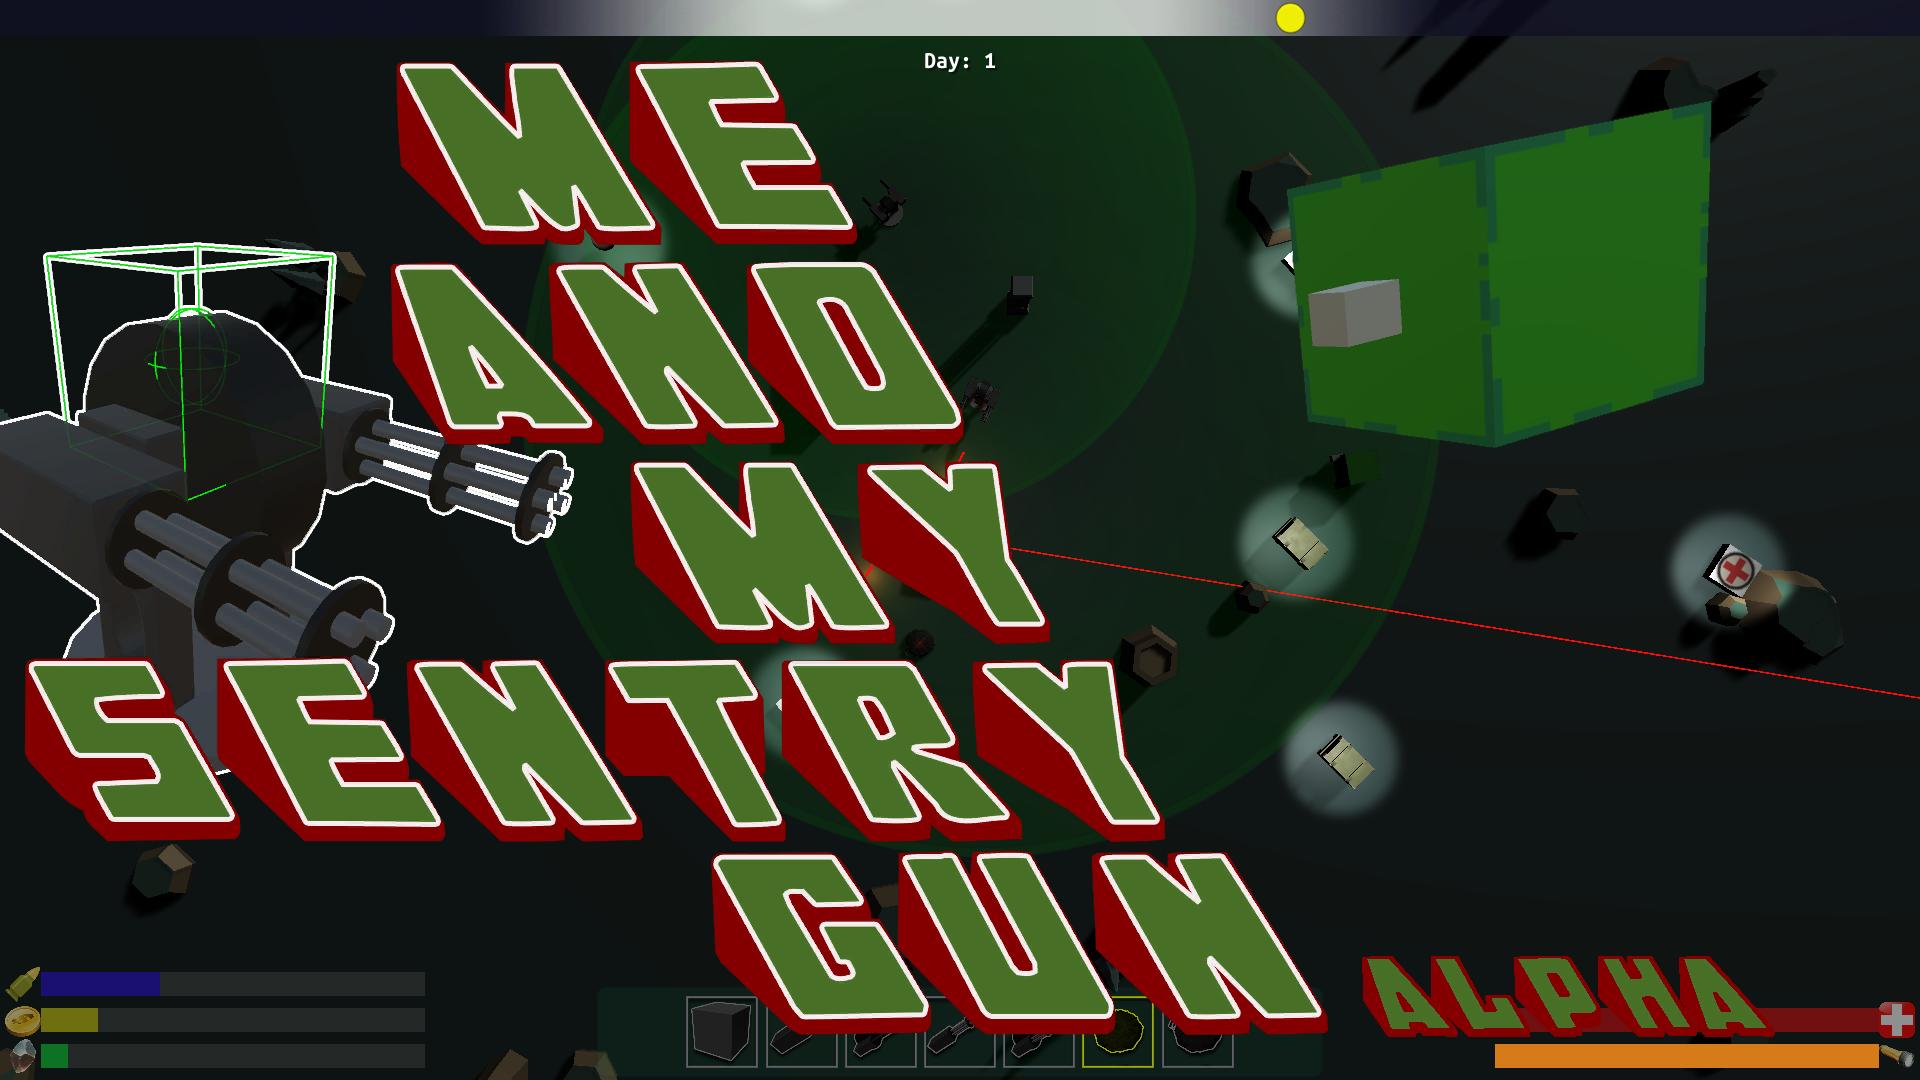 Me And My Sentry Gun